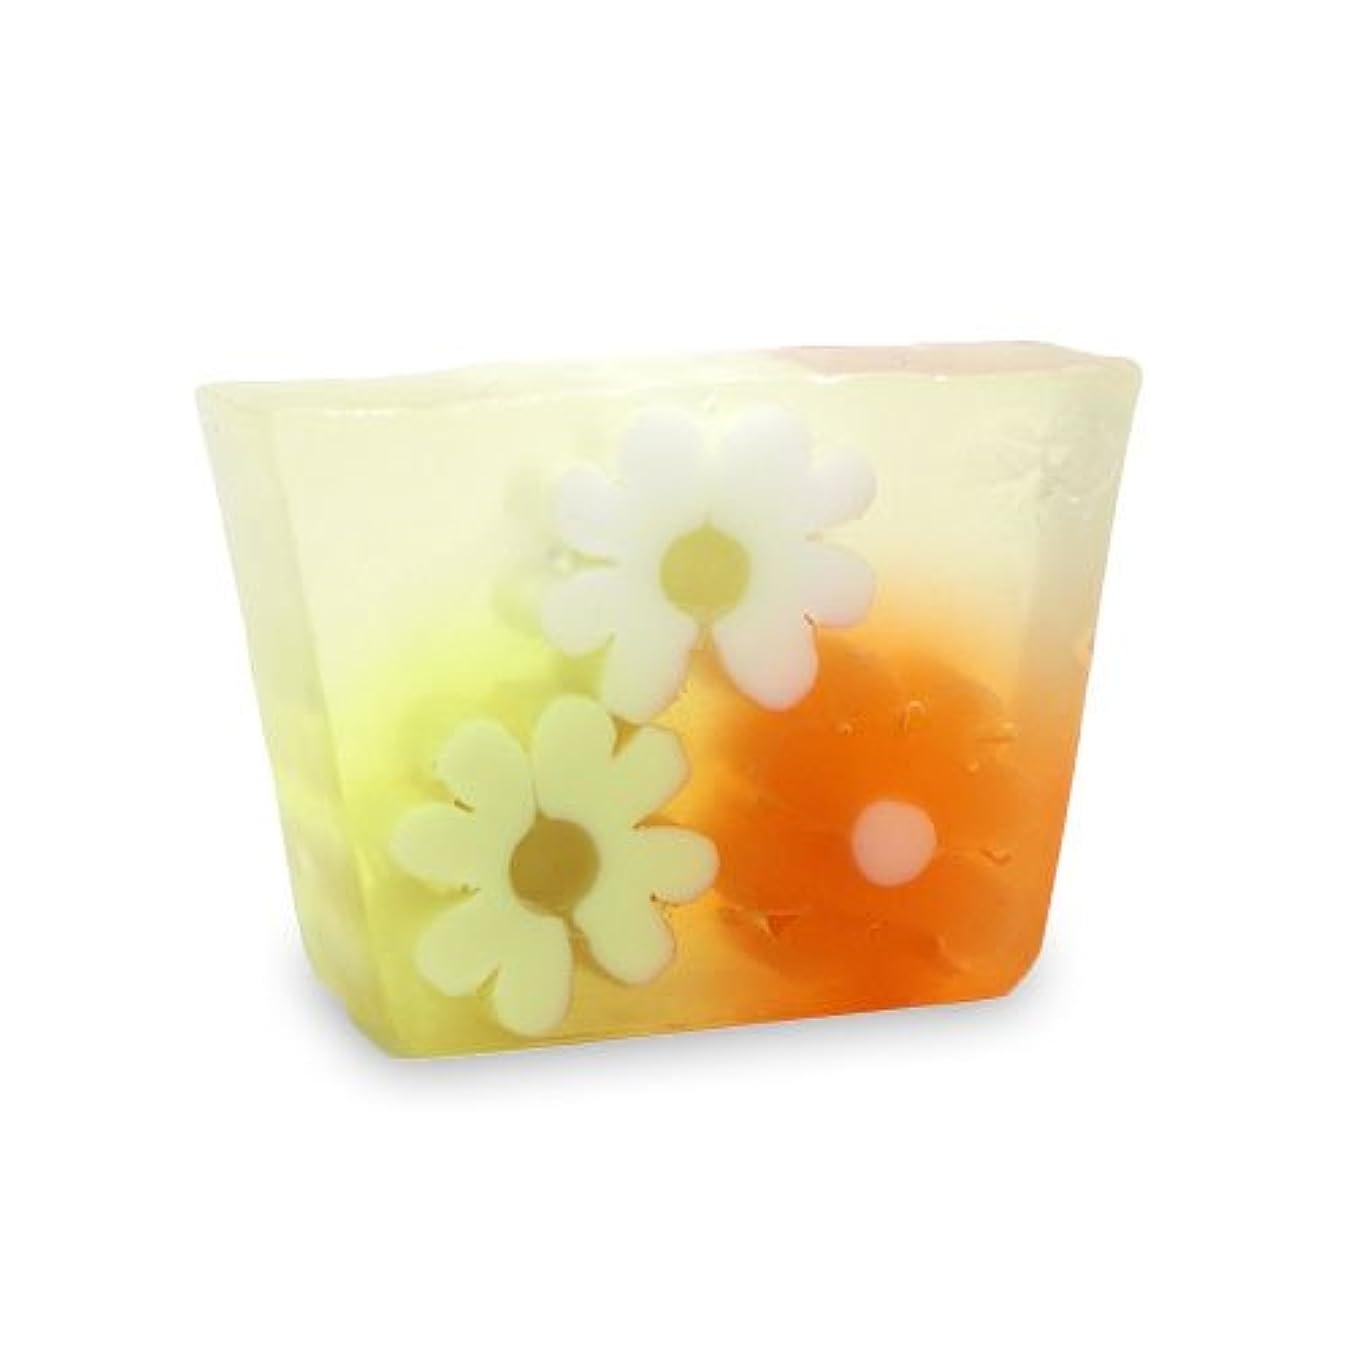 調和ギャラリー名前プライモールエレメンツ アロマティック ミニソープ オレンジフラワーショップ 80g 植物性 ナチュラル 石鹸 無添加